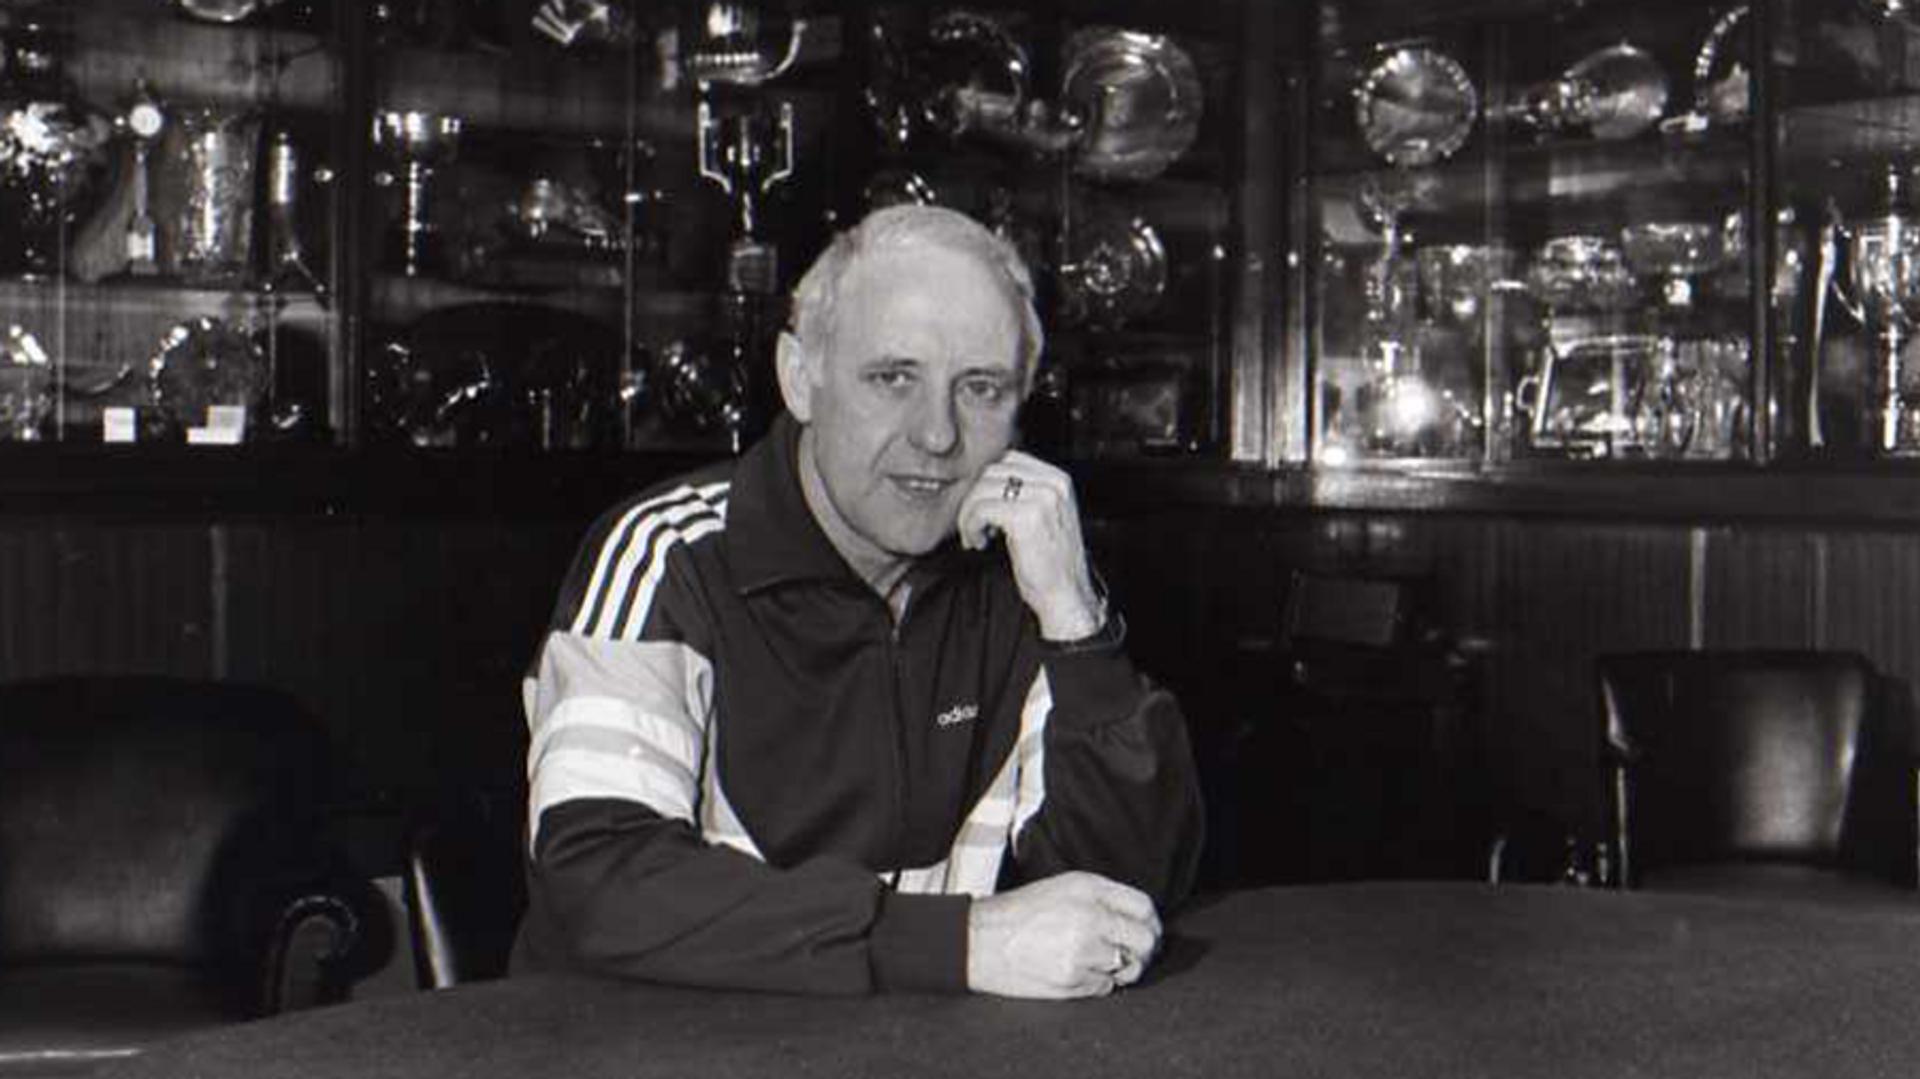 Бывший главный тренер шотландского футбольного клуба Данди Юнайтед Джим Маклин - РИА Новости, 1920, 26.12.2020